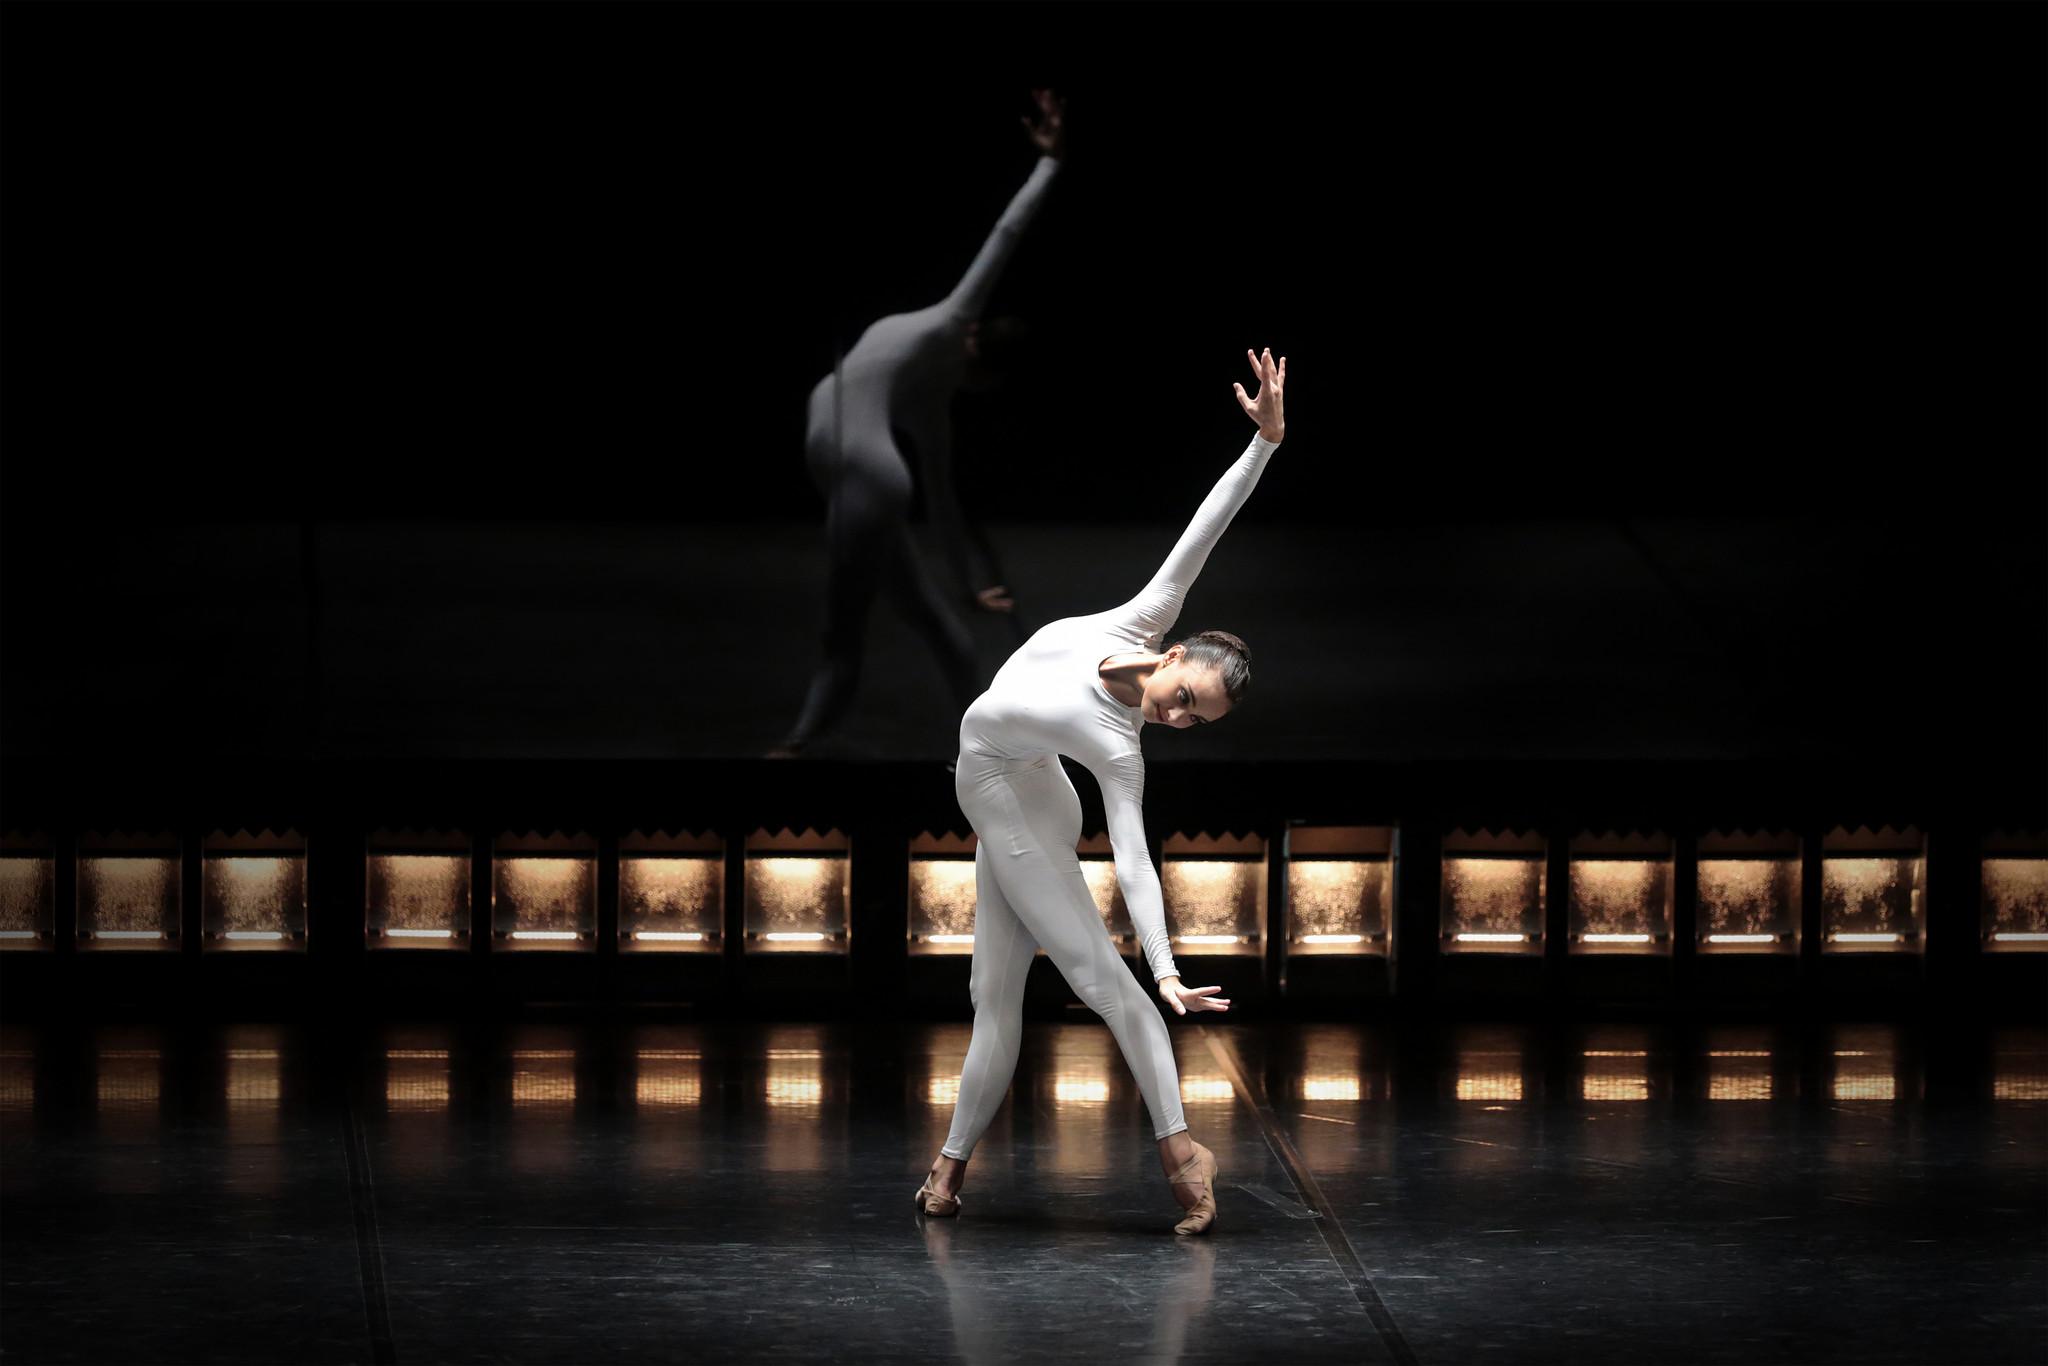 045_quinze bailarinos e tempo incerto_-®brunosimao_.jpg